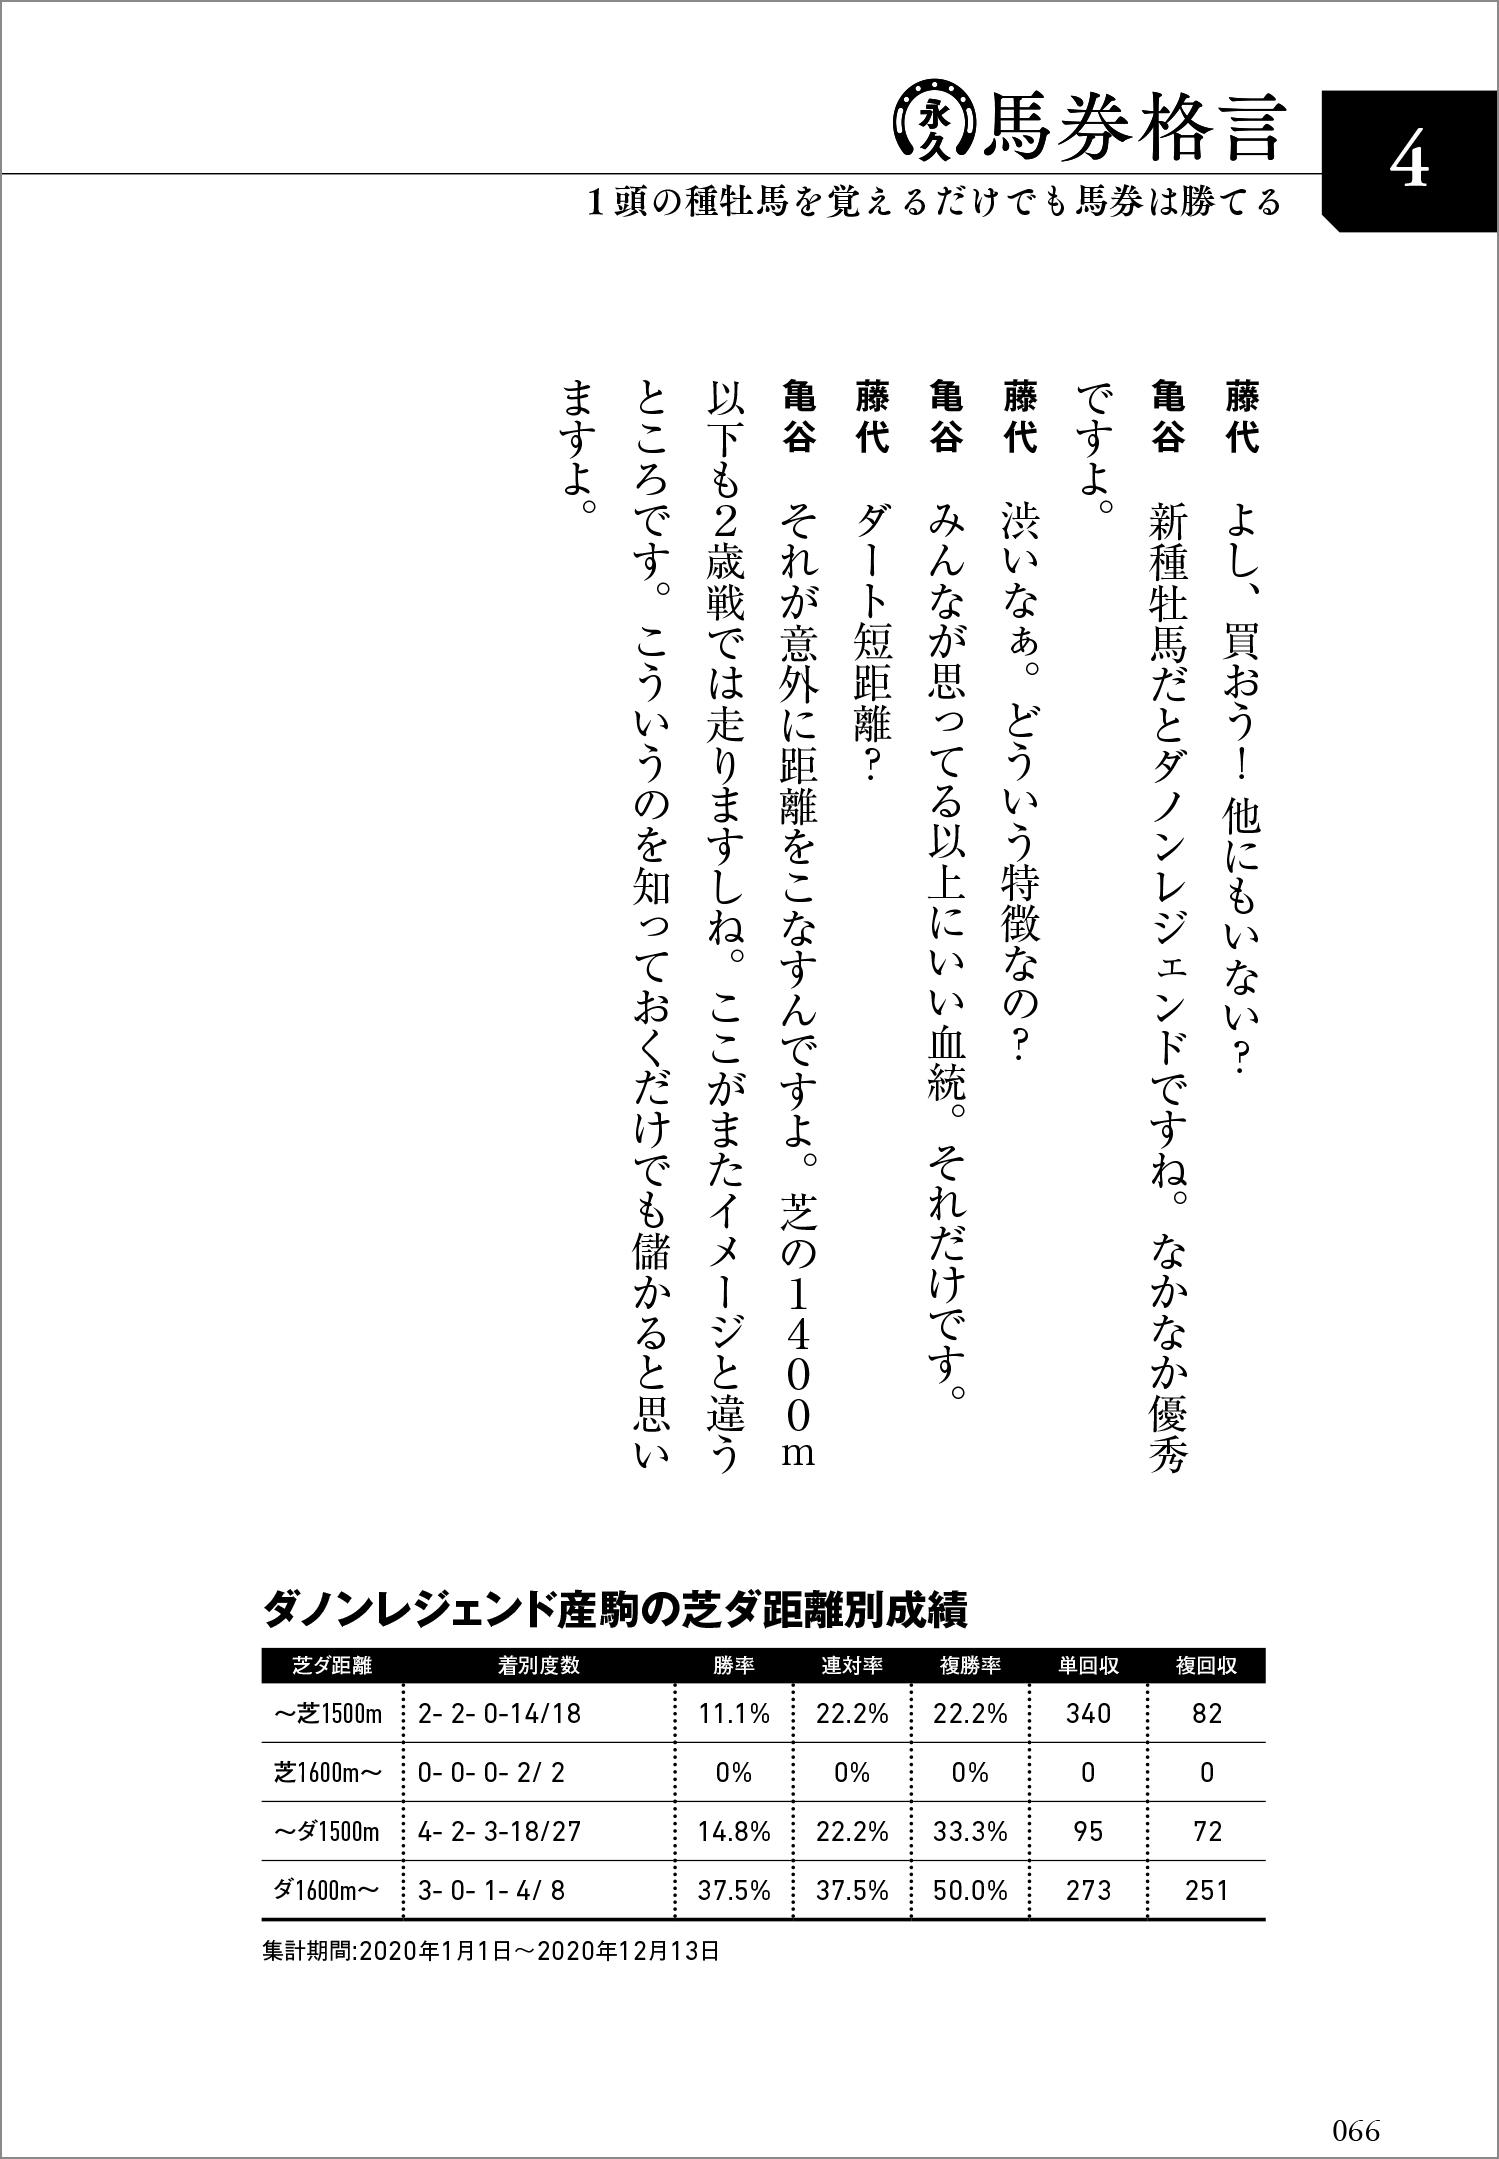 馬券格言_p.66